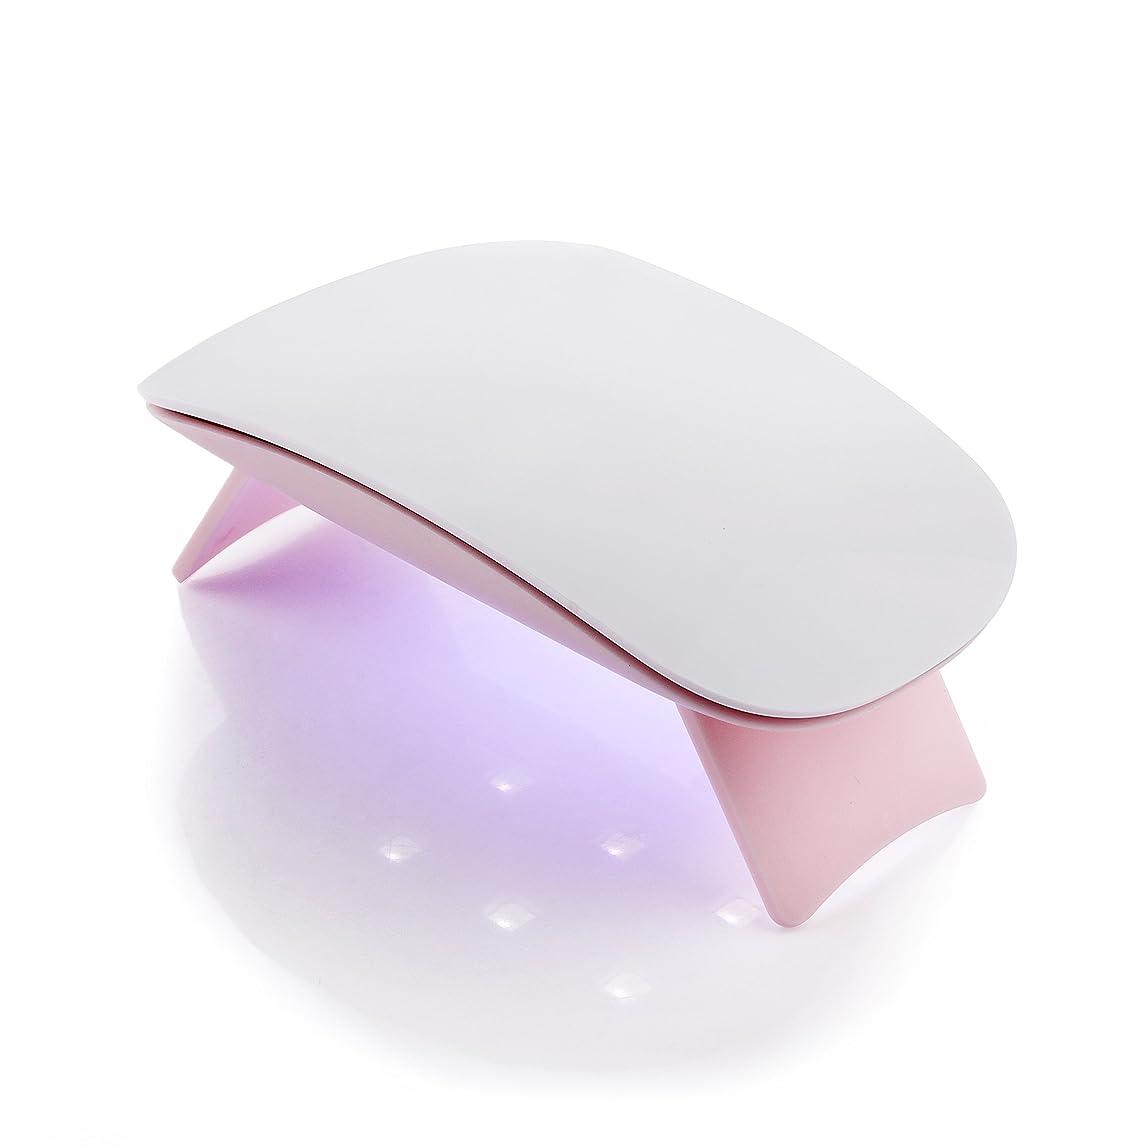 紳士シェフ秀でるMakartt 6W UV ジェルネイルLEDライト? 超ミニ USB式ネイルドライヤー ネイル硬化用ライト 赤外線検知